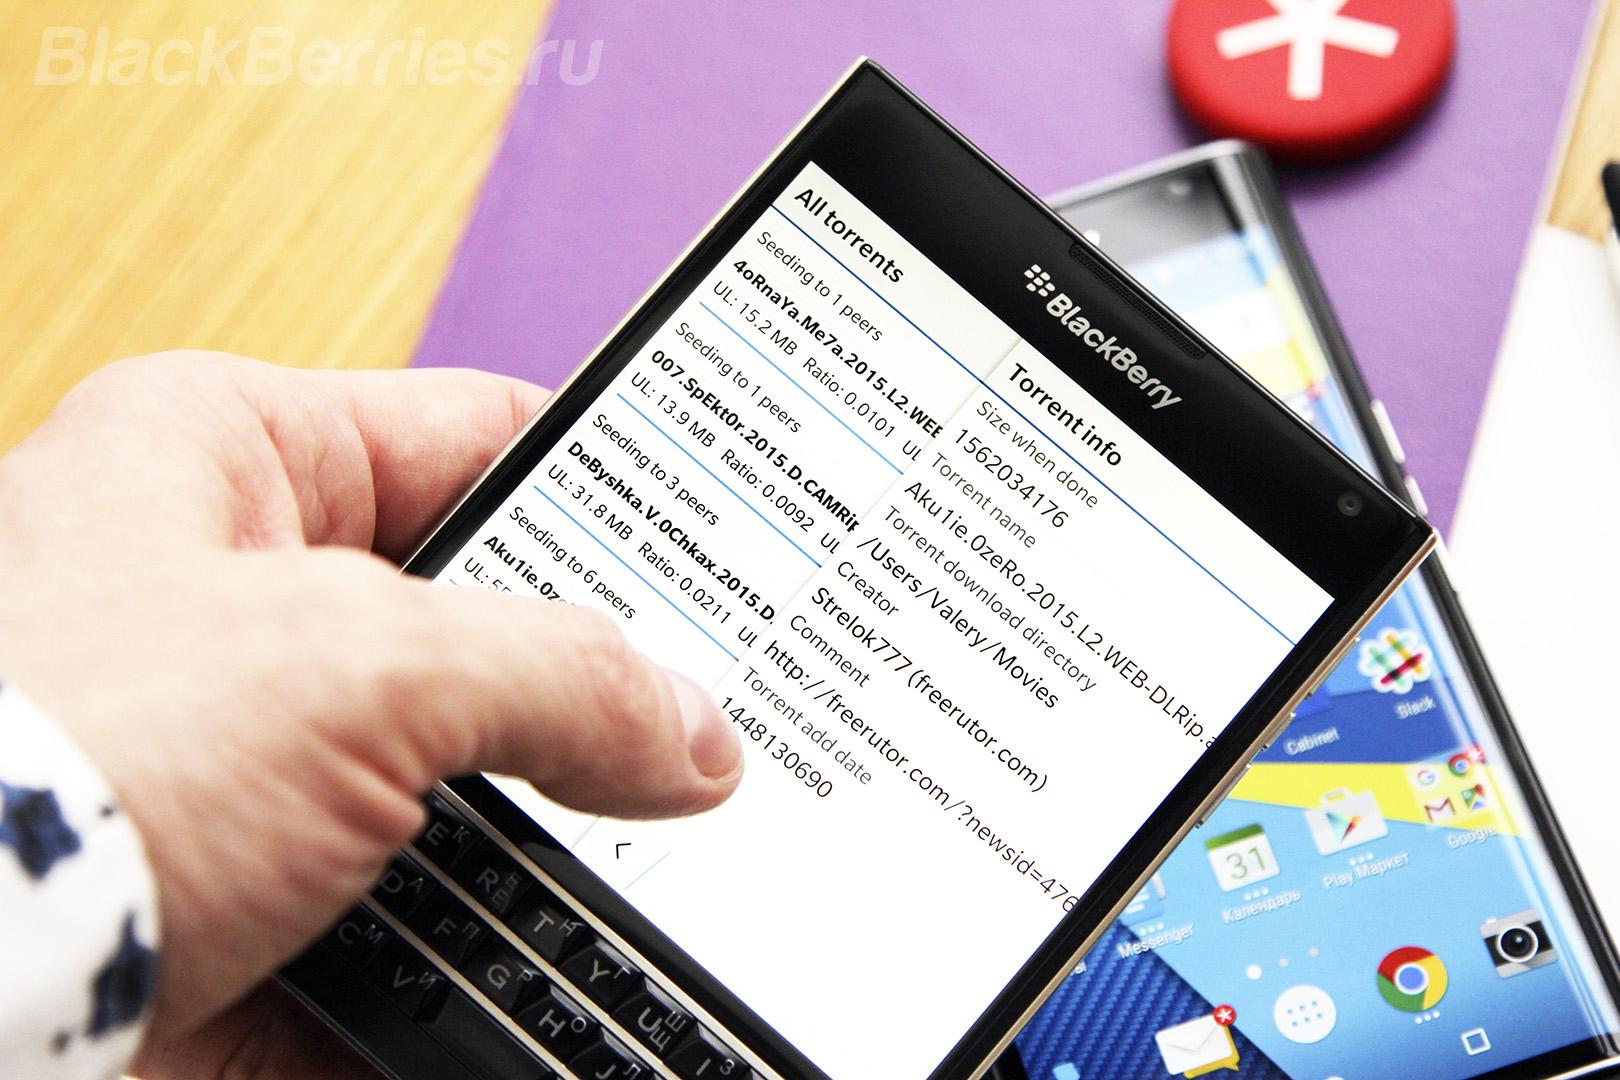 BlackBerry-Apps-21-11-20